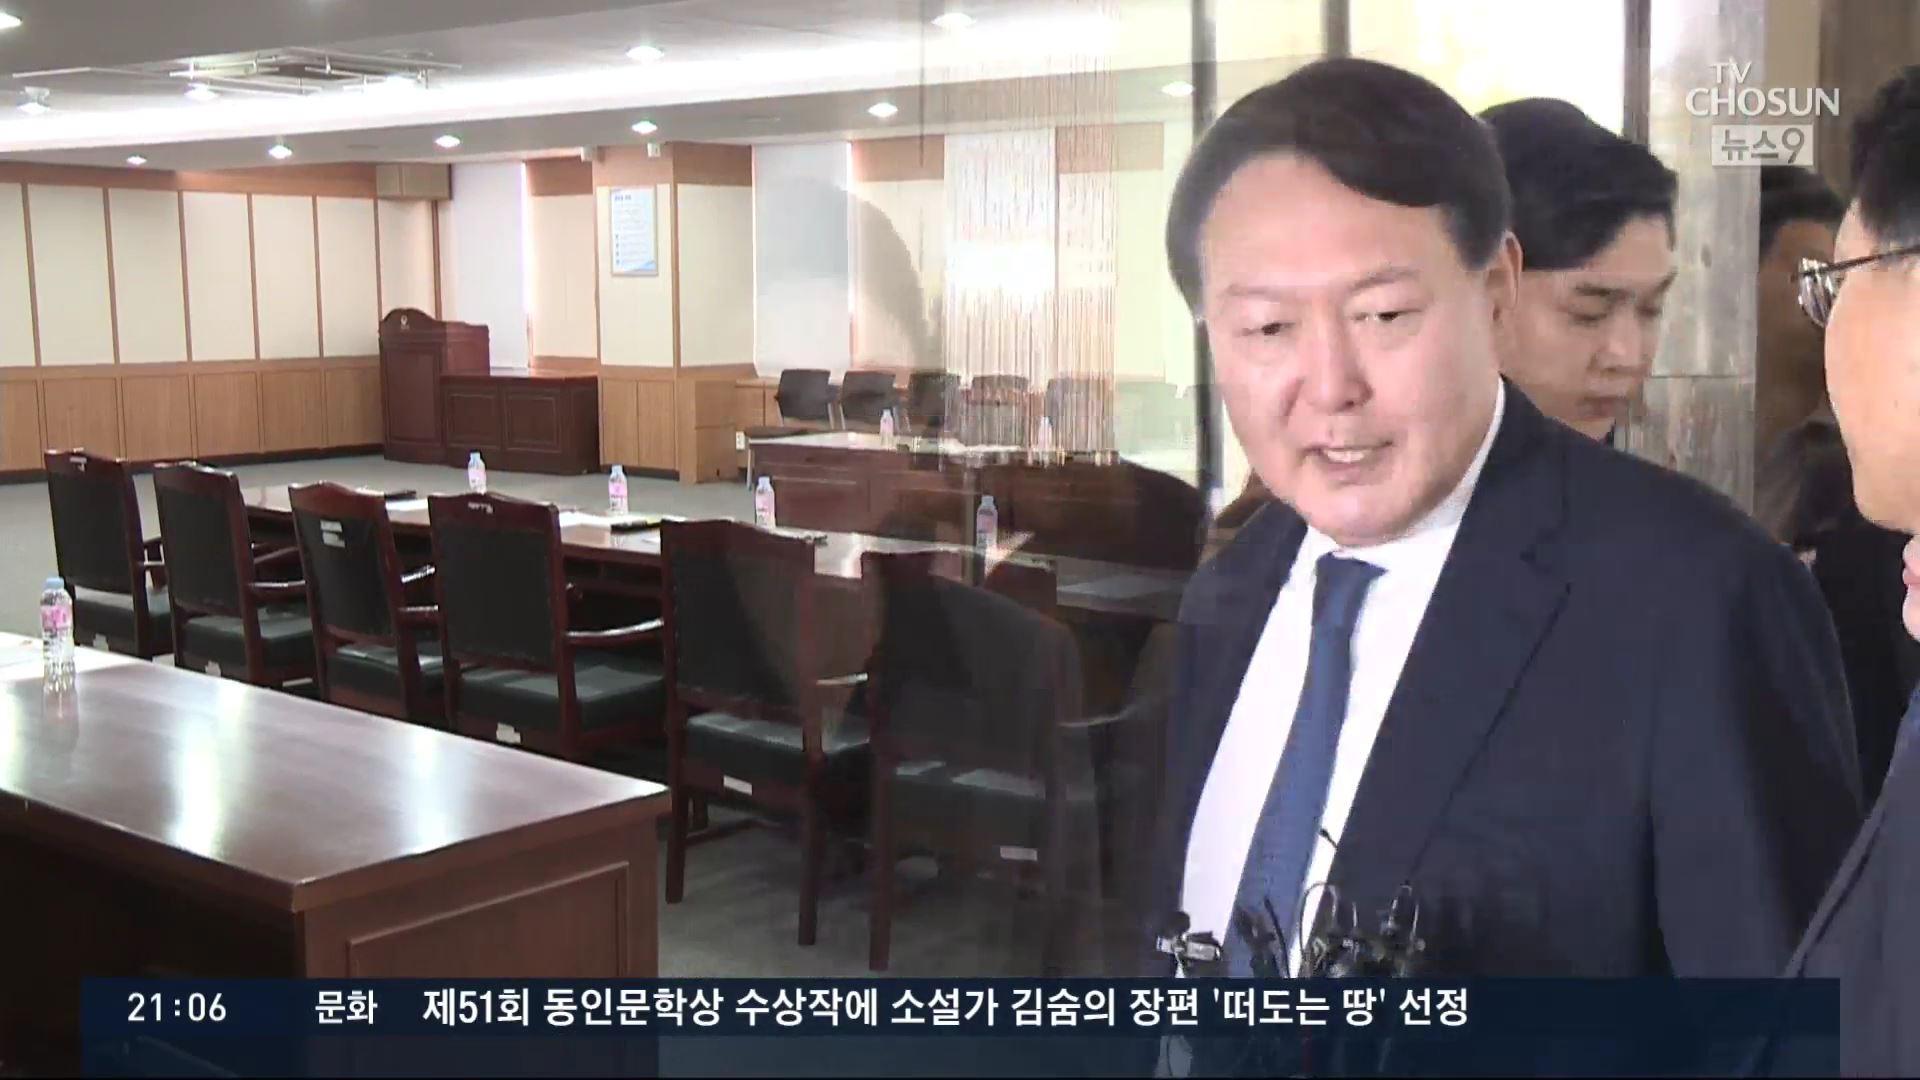 윤석열 측 '징계관련 기록 달라'…법원 심문 30일 열려